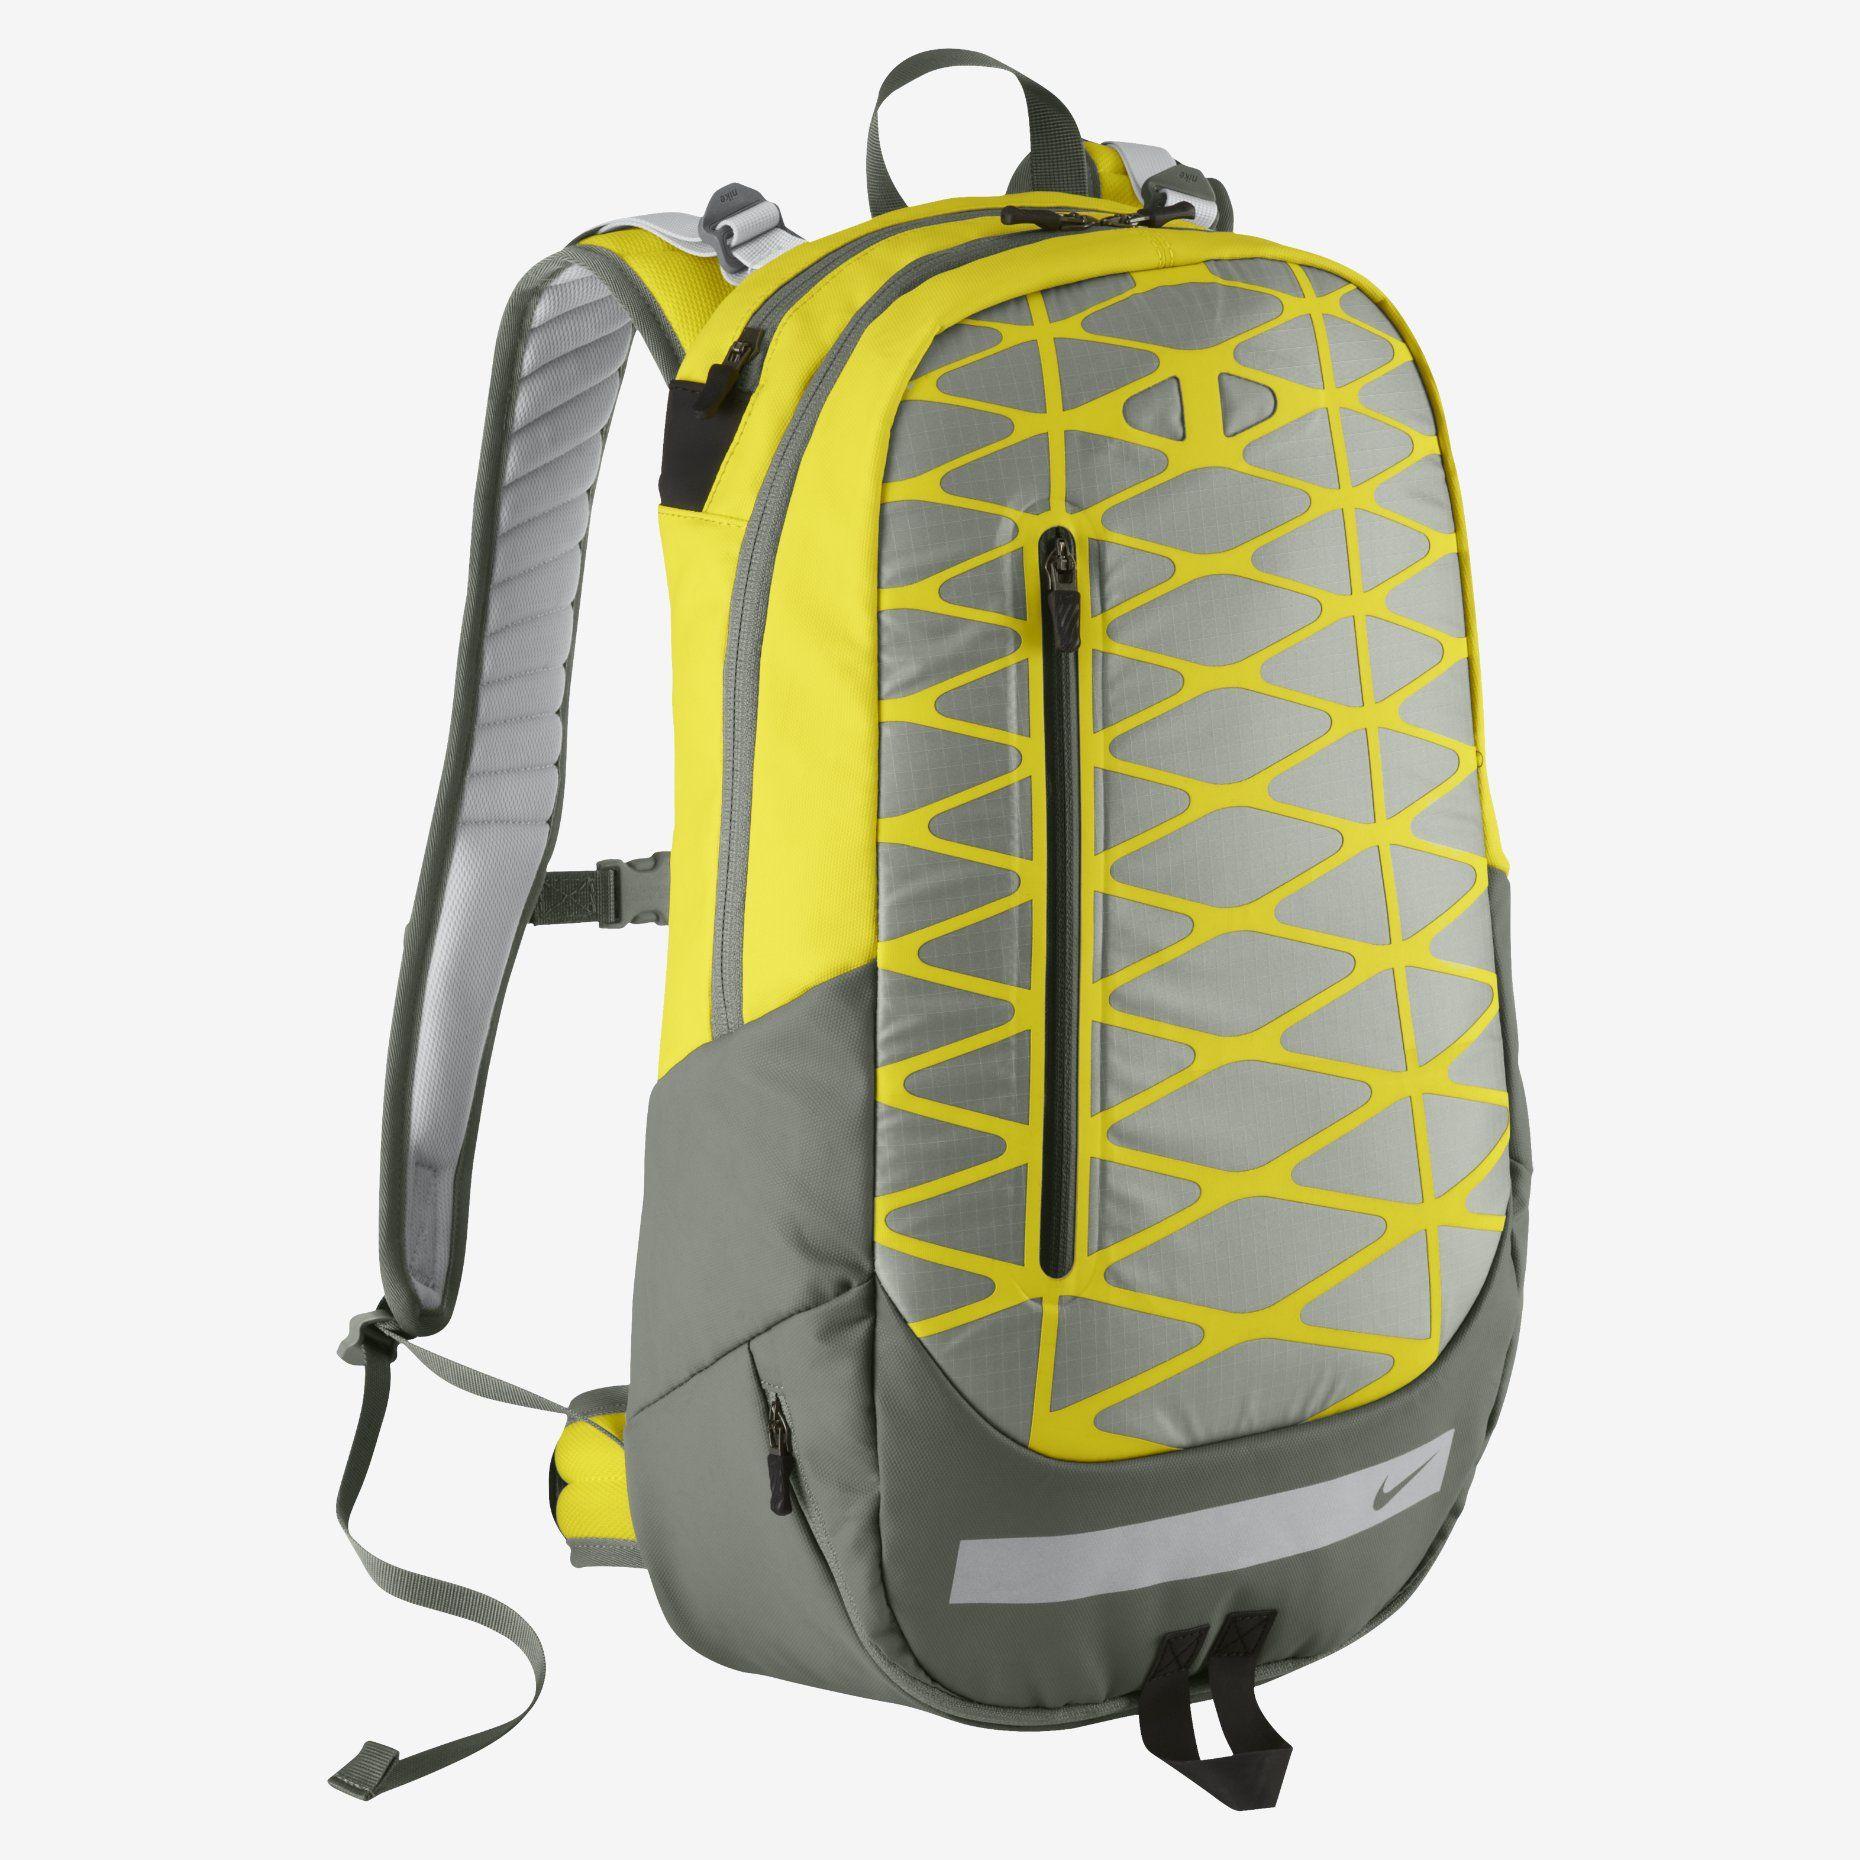 e2fb099ac6a1 Nike Store. Nike Cheyenne Vapor 2 Running Backpack | Bagged | Nike ...